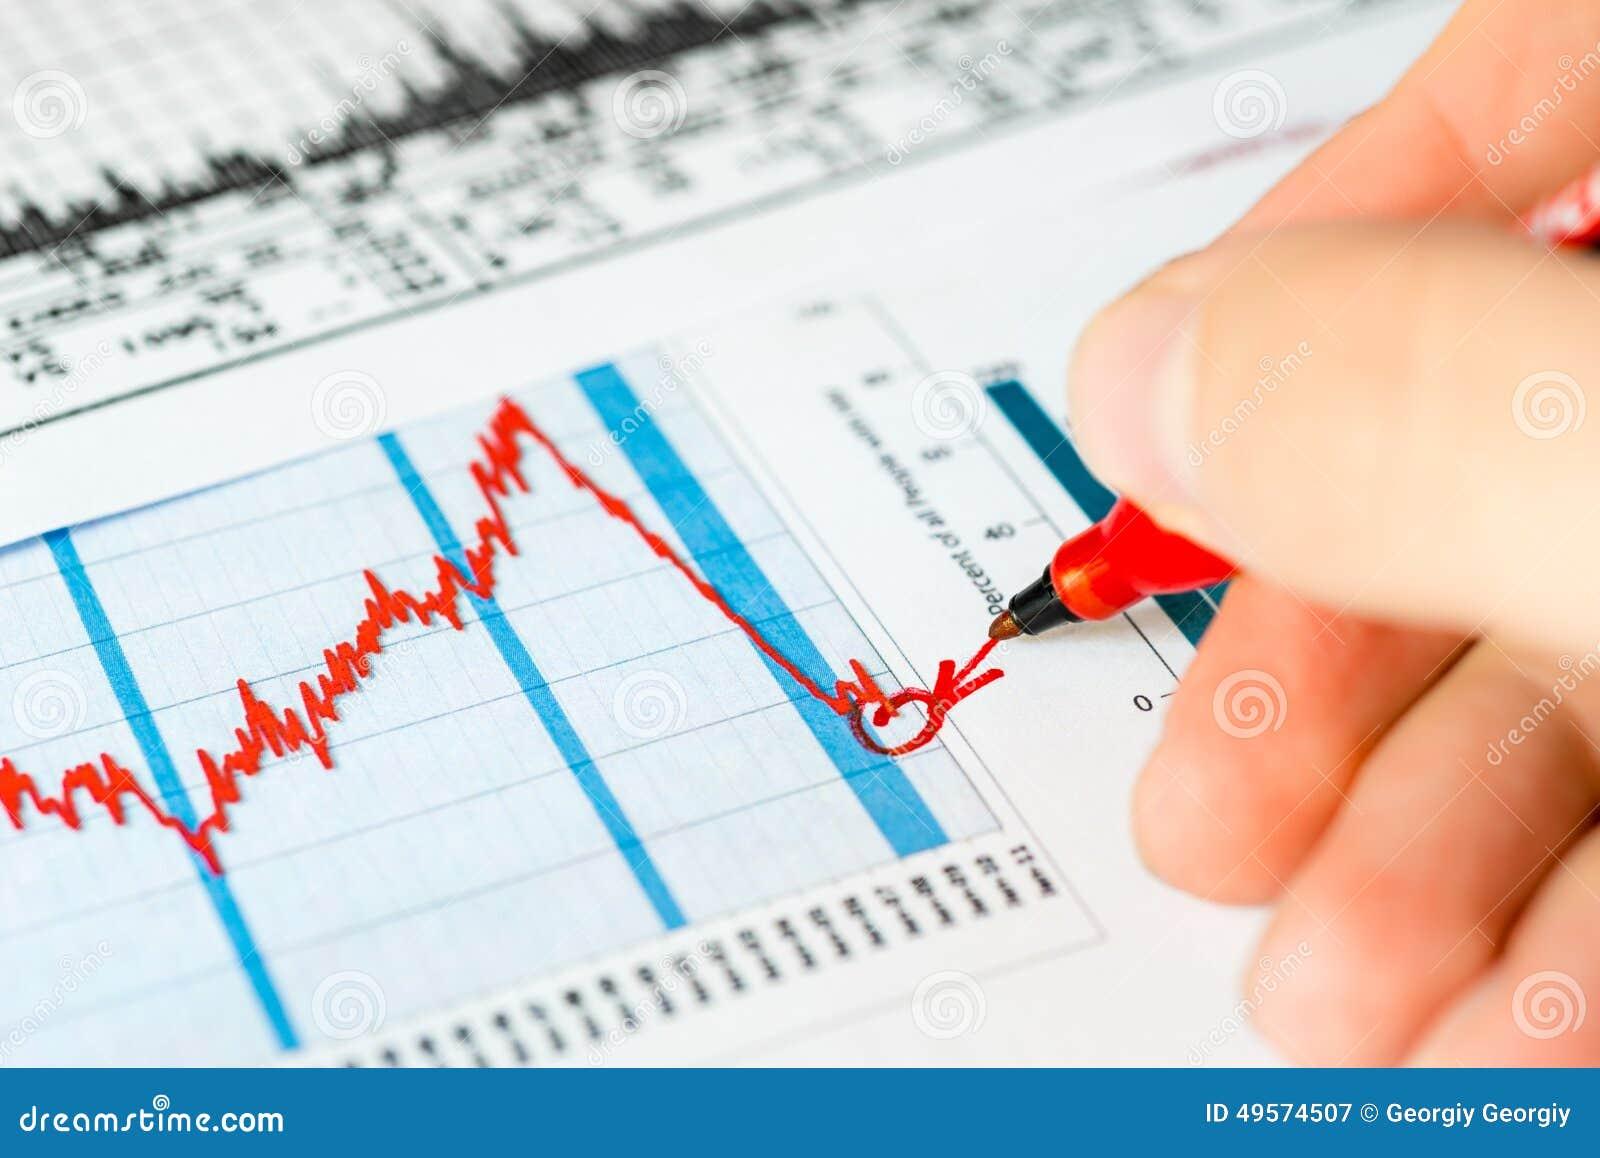 Effectenbeursneerstorting, analyse van de oorzaken van de instorting